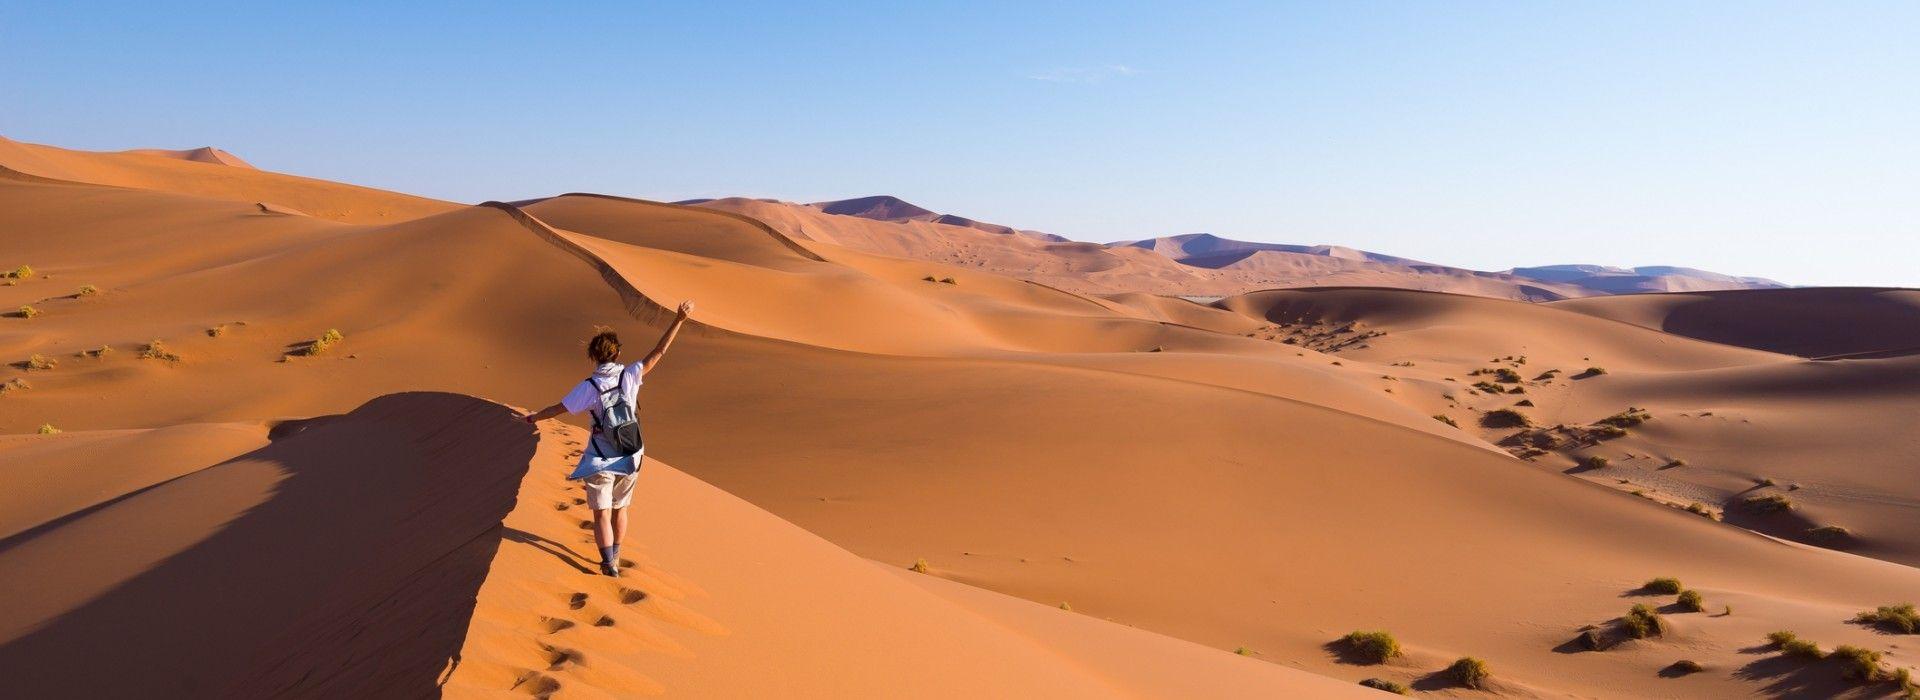 Wildlife Tours in Namibia